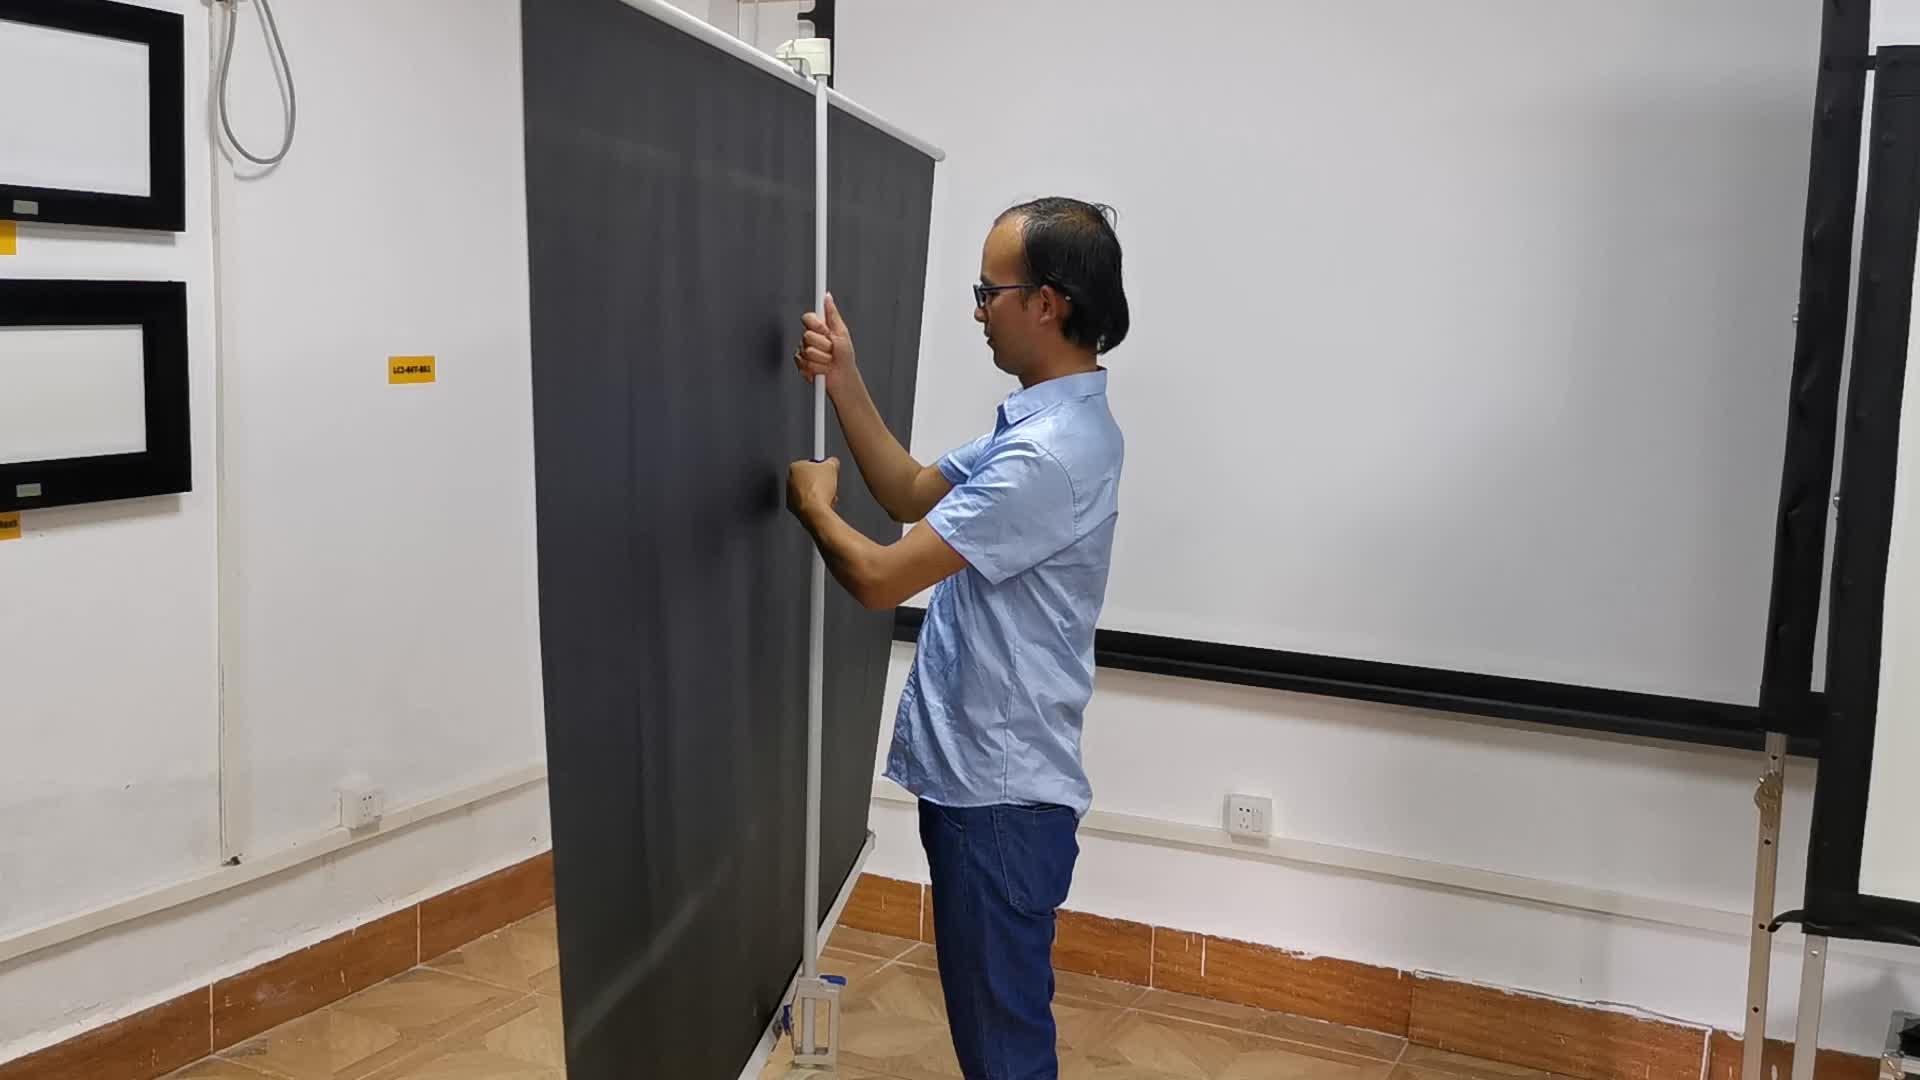 Xy Layar Bergerak dan Portable Tripod Screen Projector Berdiri untuk Menonton TV Peralatan Kantor Berdiri Ruangan Home Theater